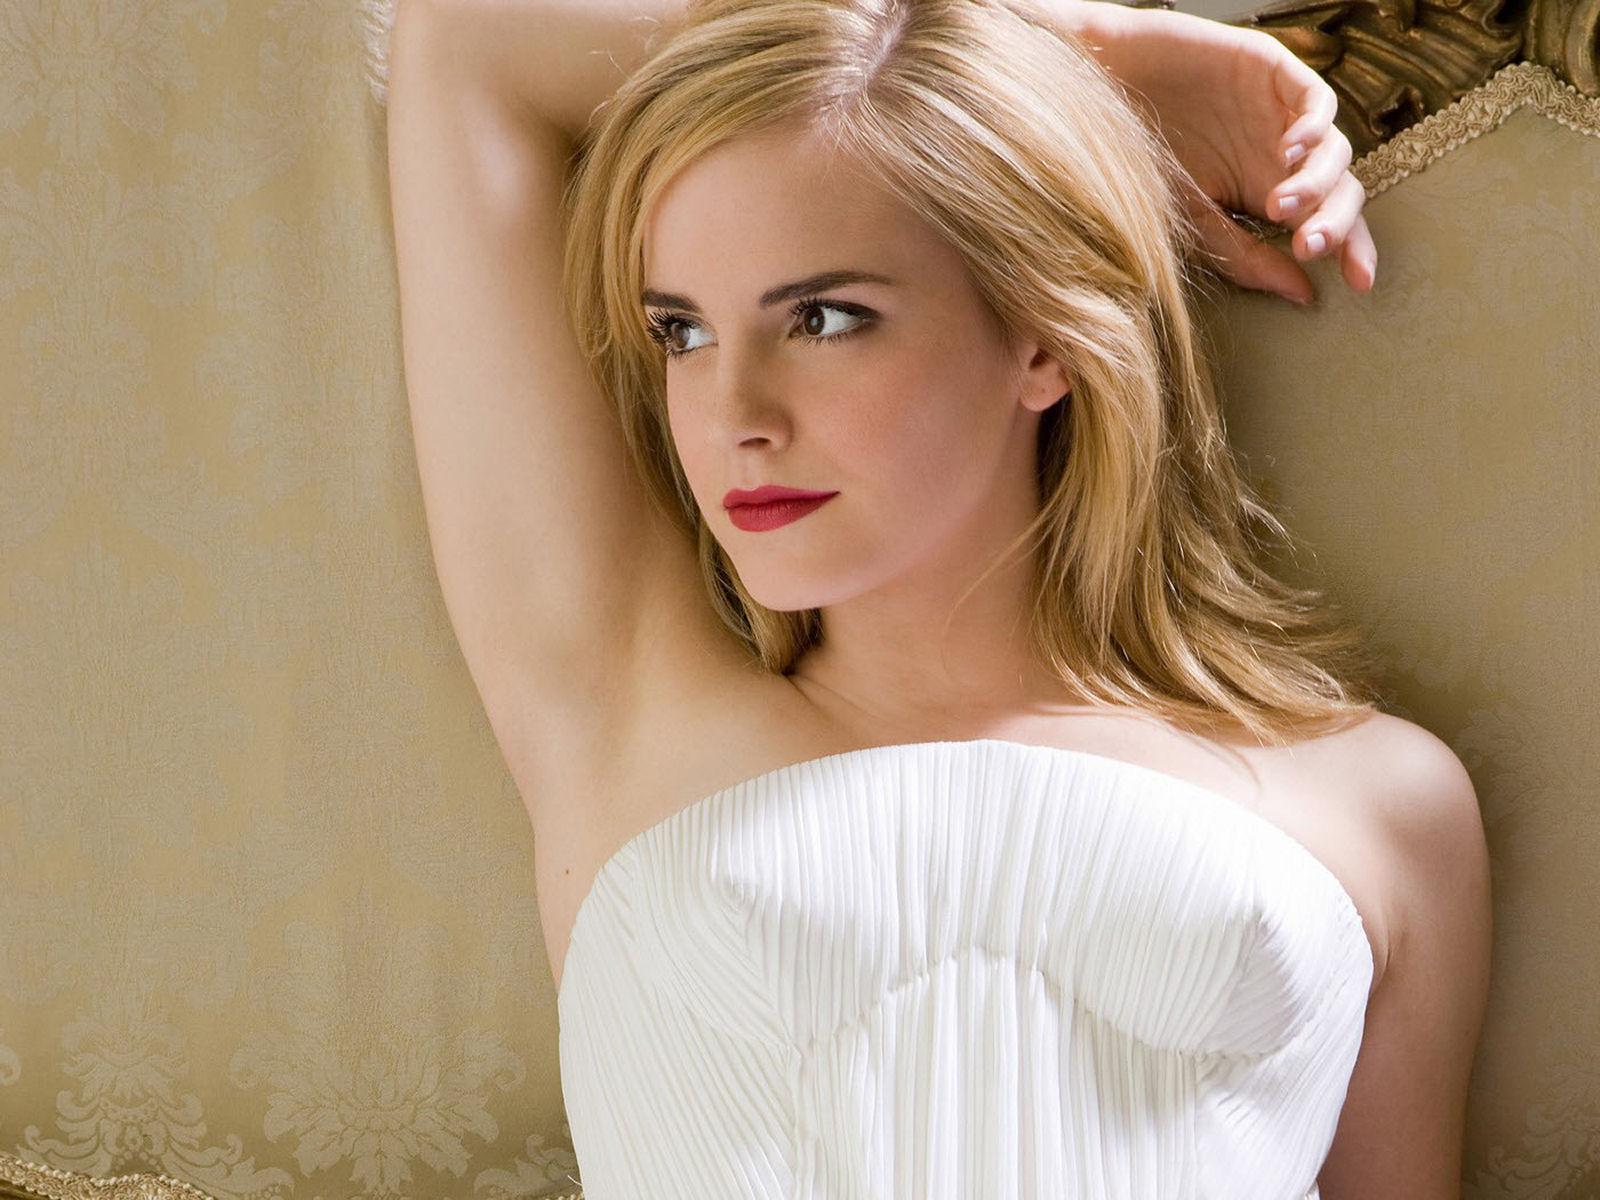 http://1.bp.blogspot.com/-Iu_LBe-aaAo/UDzNIOpPlHI/AAAAAAAAD2M/aRfoiC_pVvs/s1600/emma+watson+beautiful.jpg